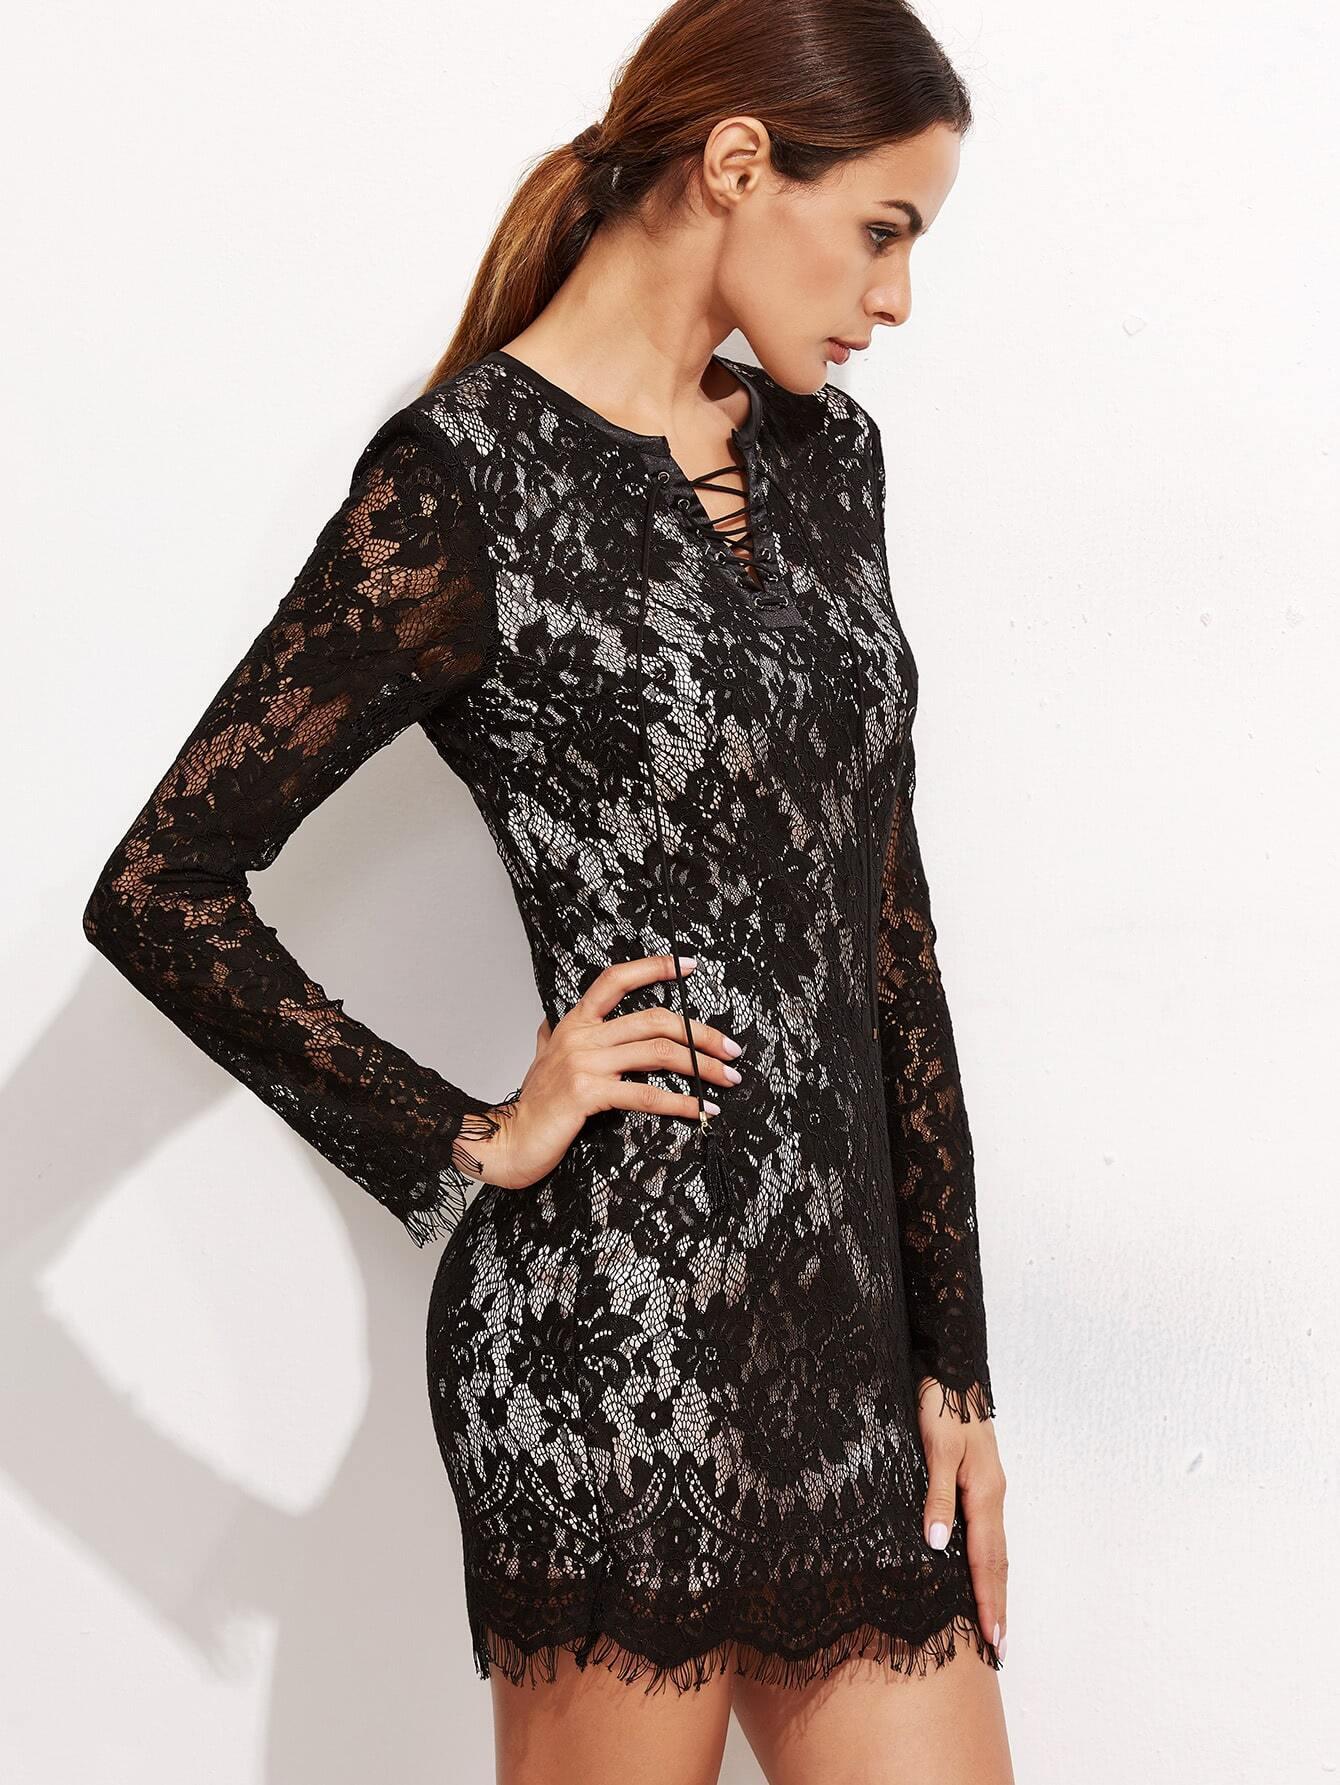 dress161020705_2